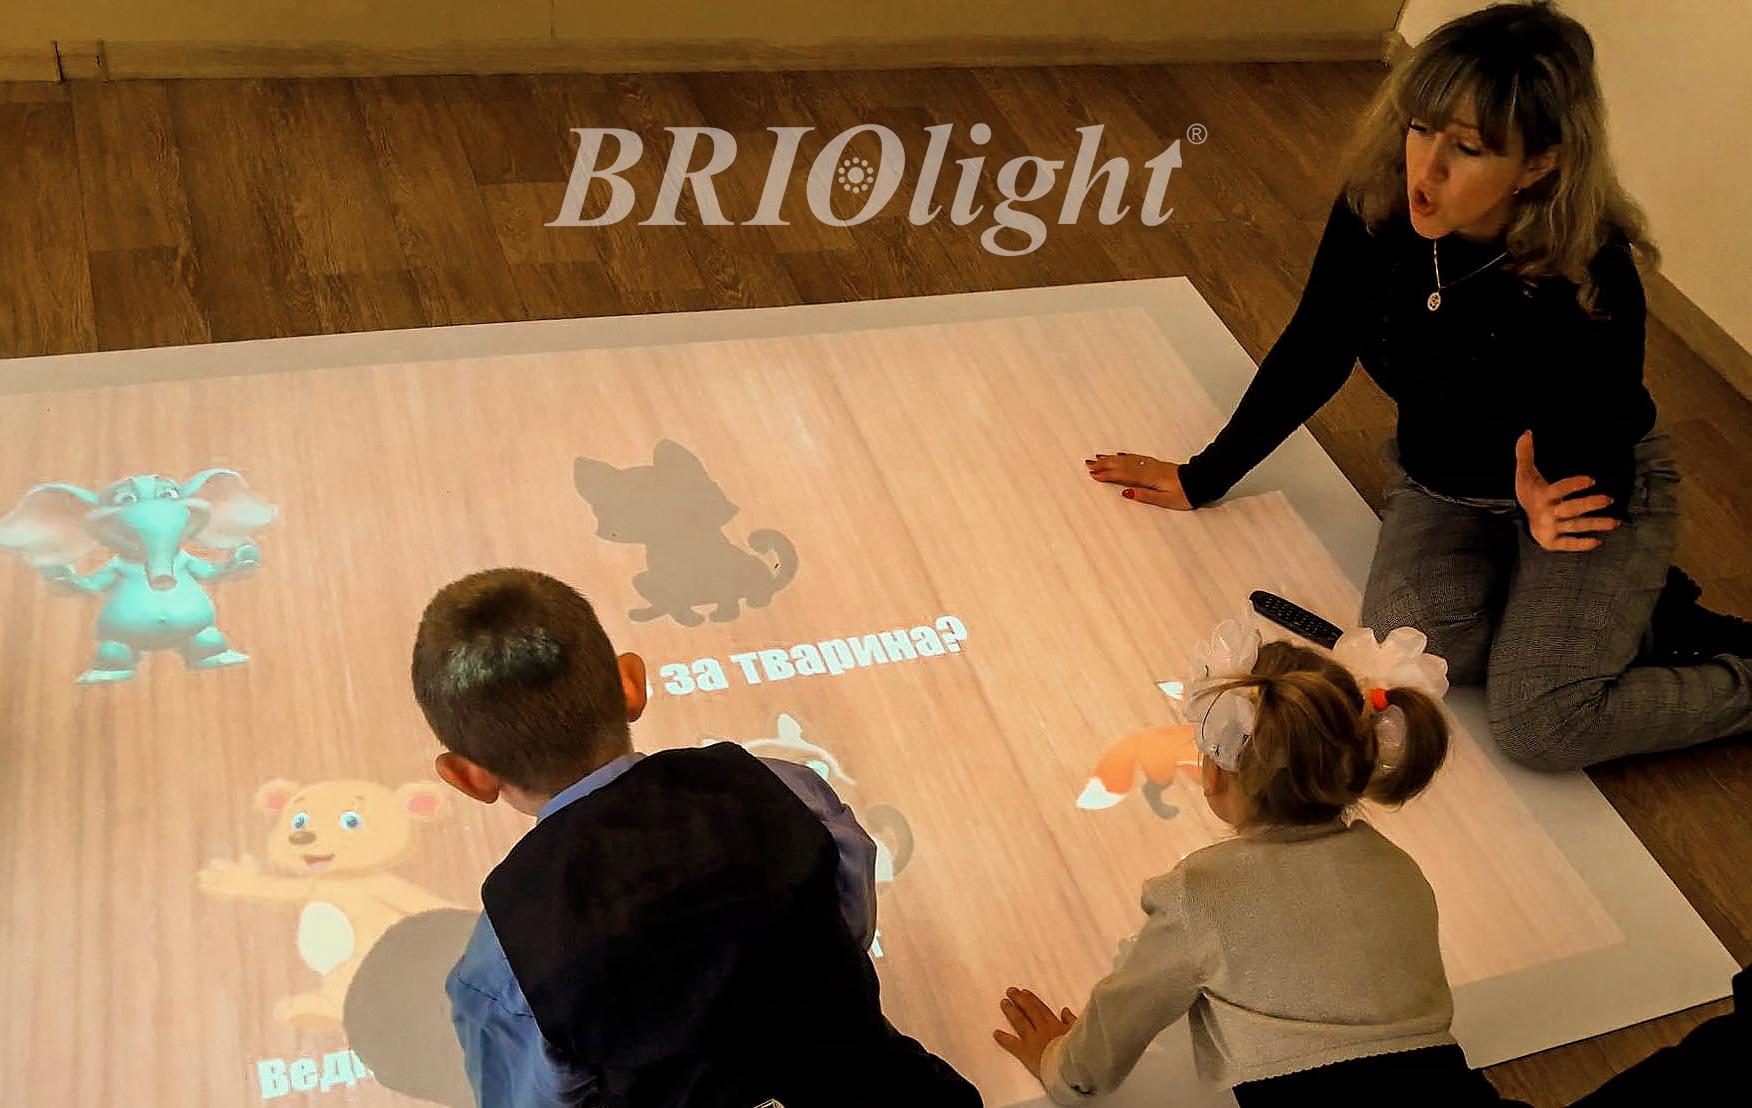 інтерактивна підлога для розвиваюча ціна україна